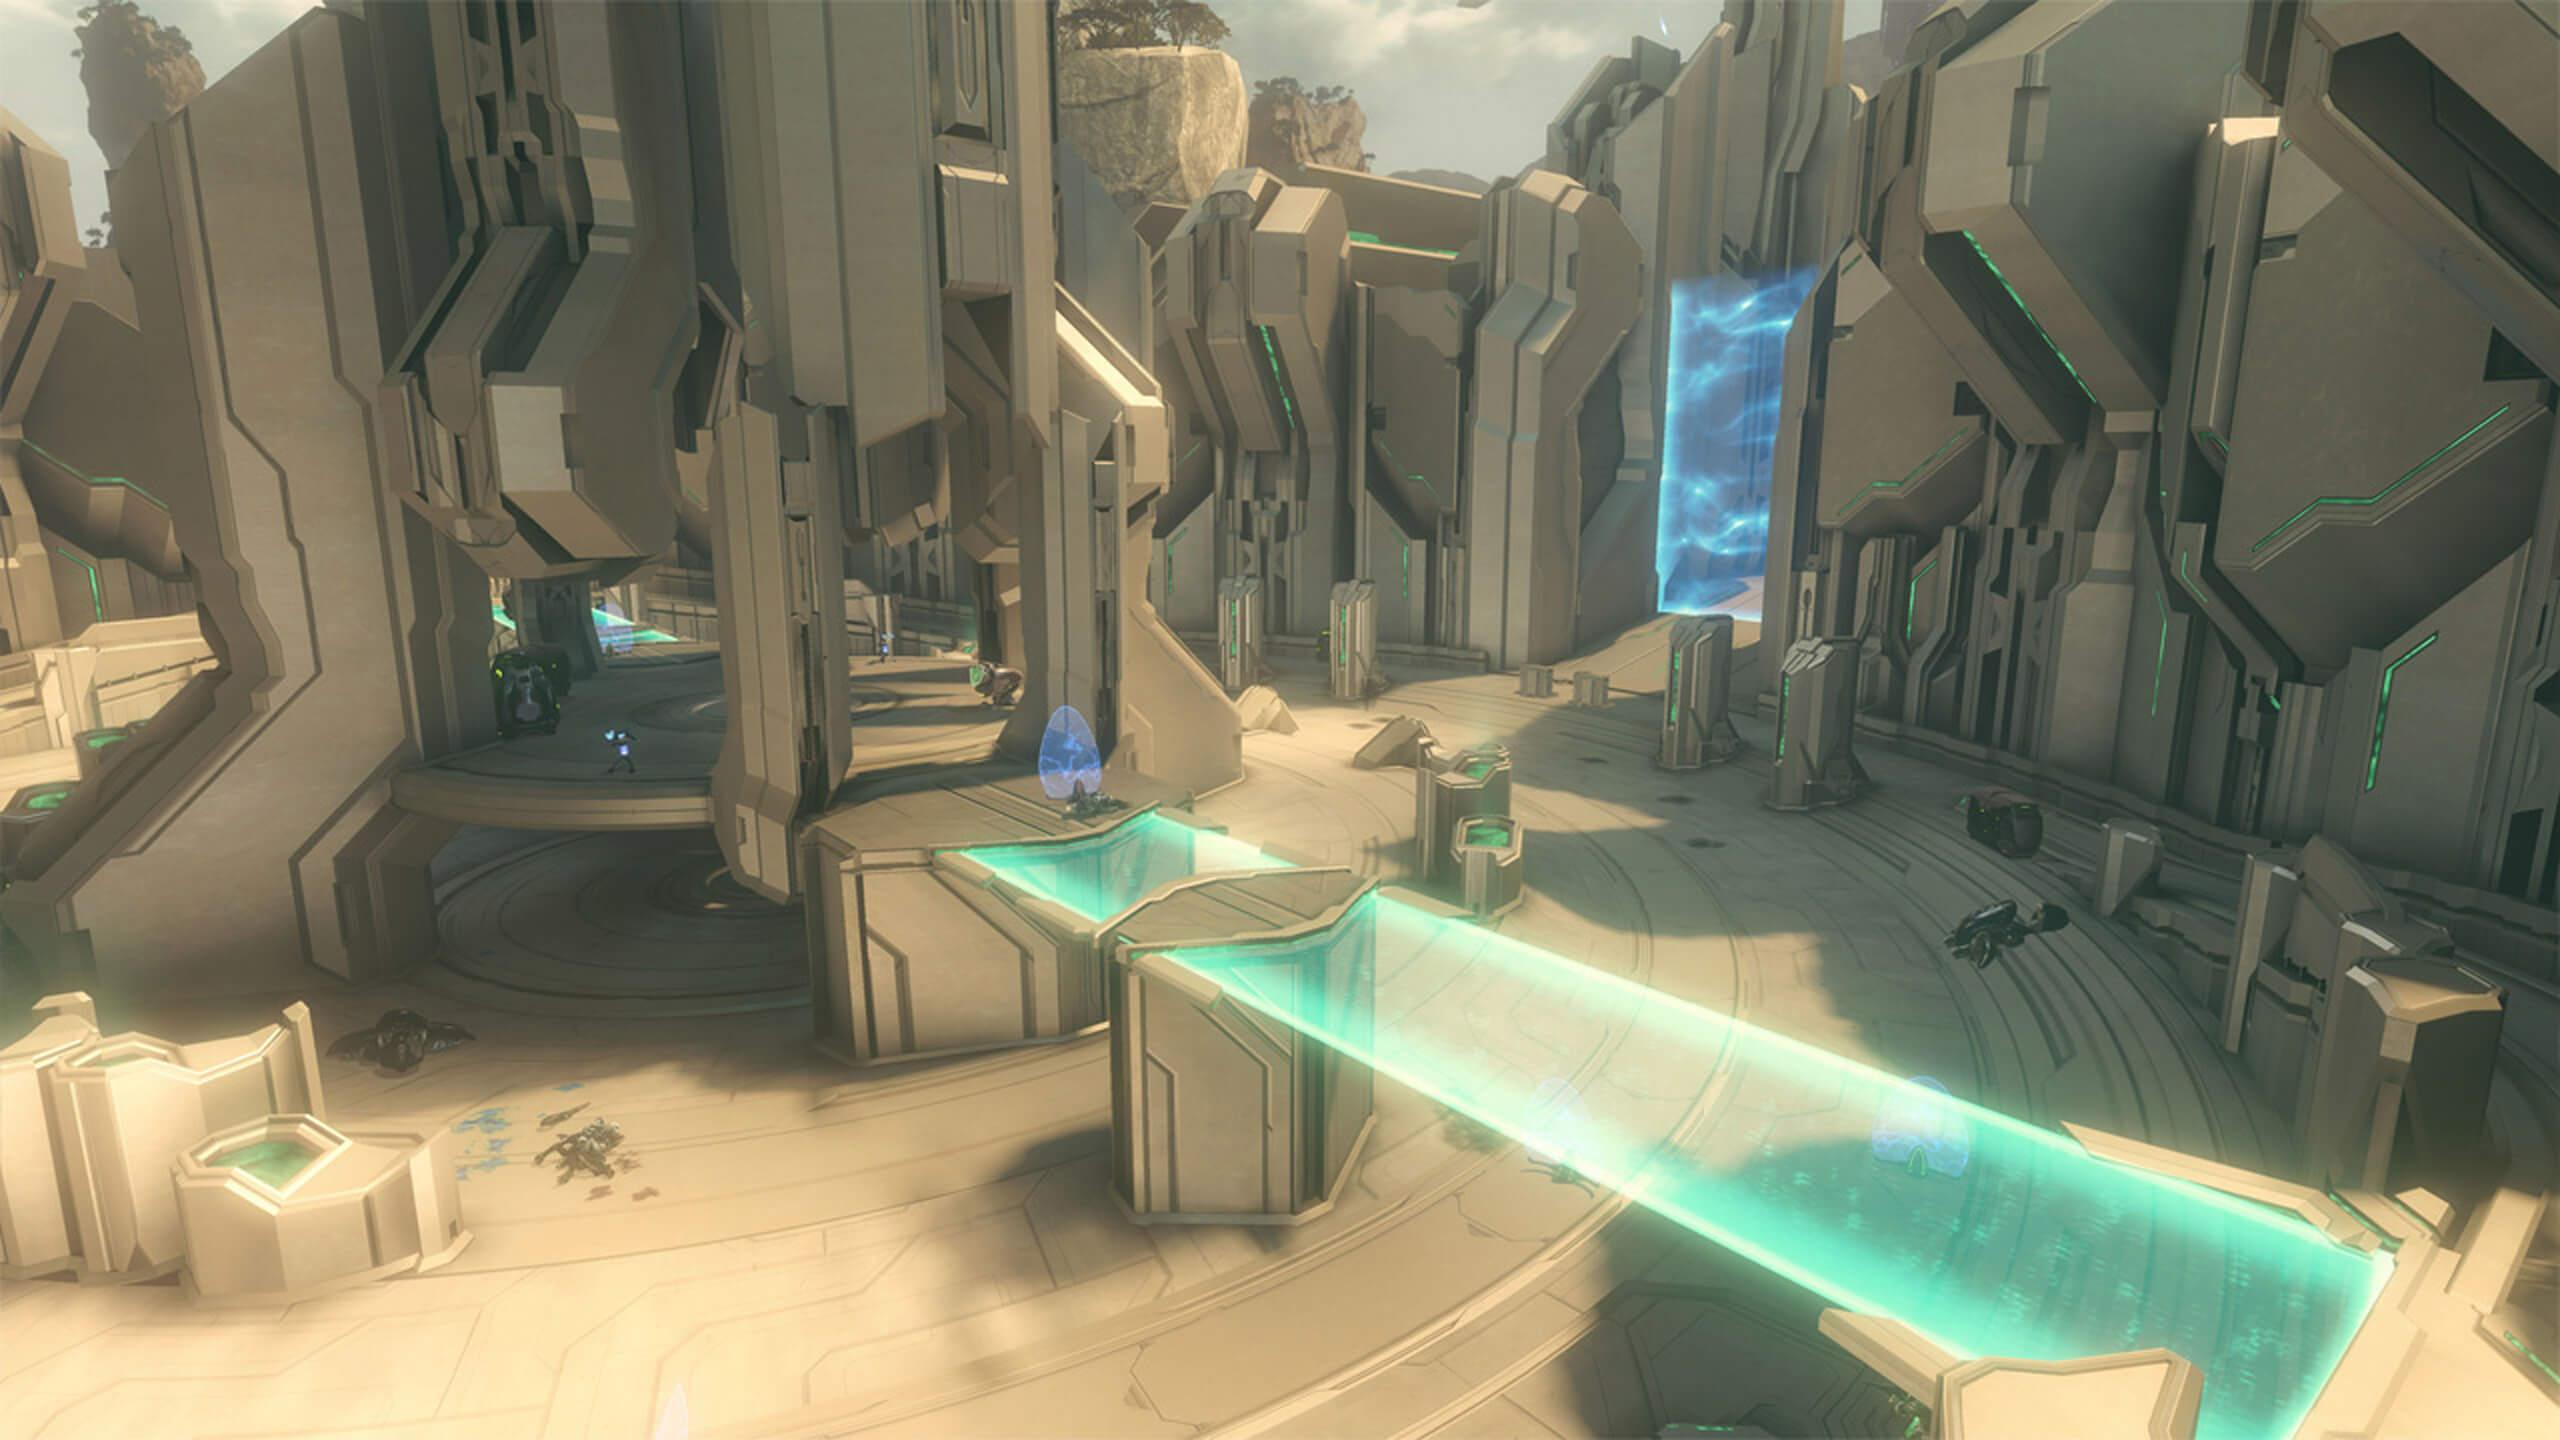 φωτοσυμπαίκτη Halo 4 EP 1 βγαίνω με τον δικηγόρο διαζυγίων μου.